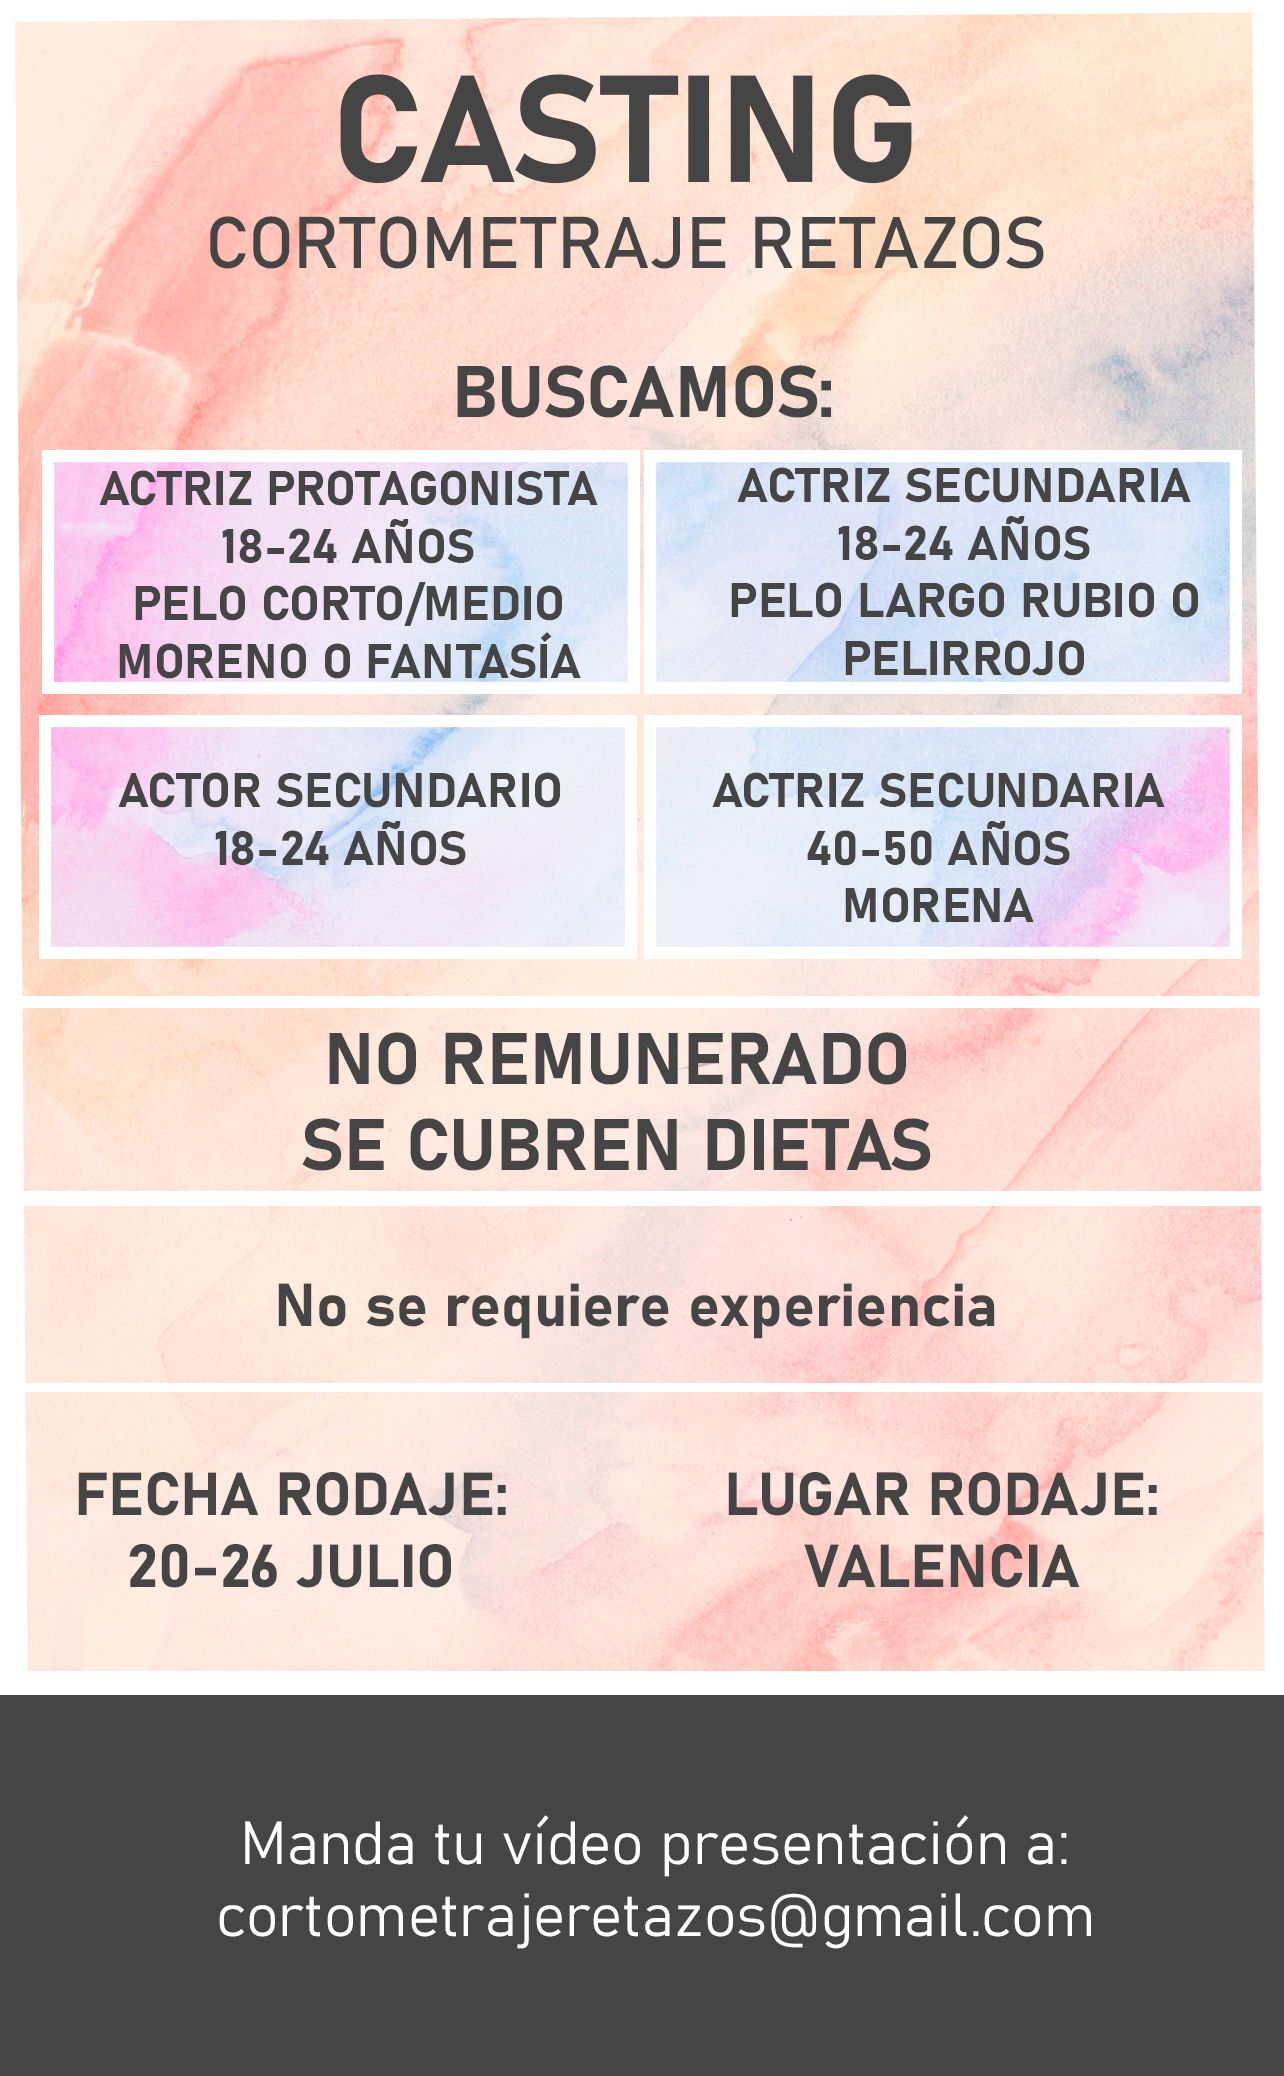 Actrices de 18 a 24 años y de 40 a 50 años para Cortometraje «Retazos» en Valencia